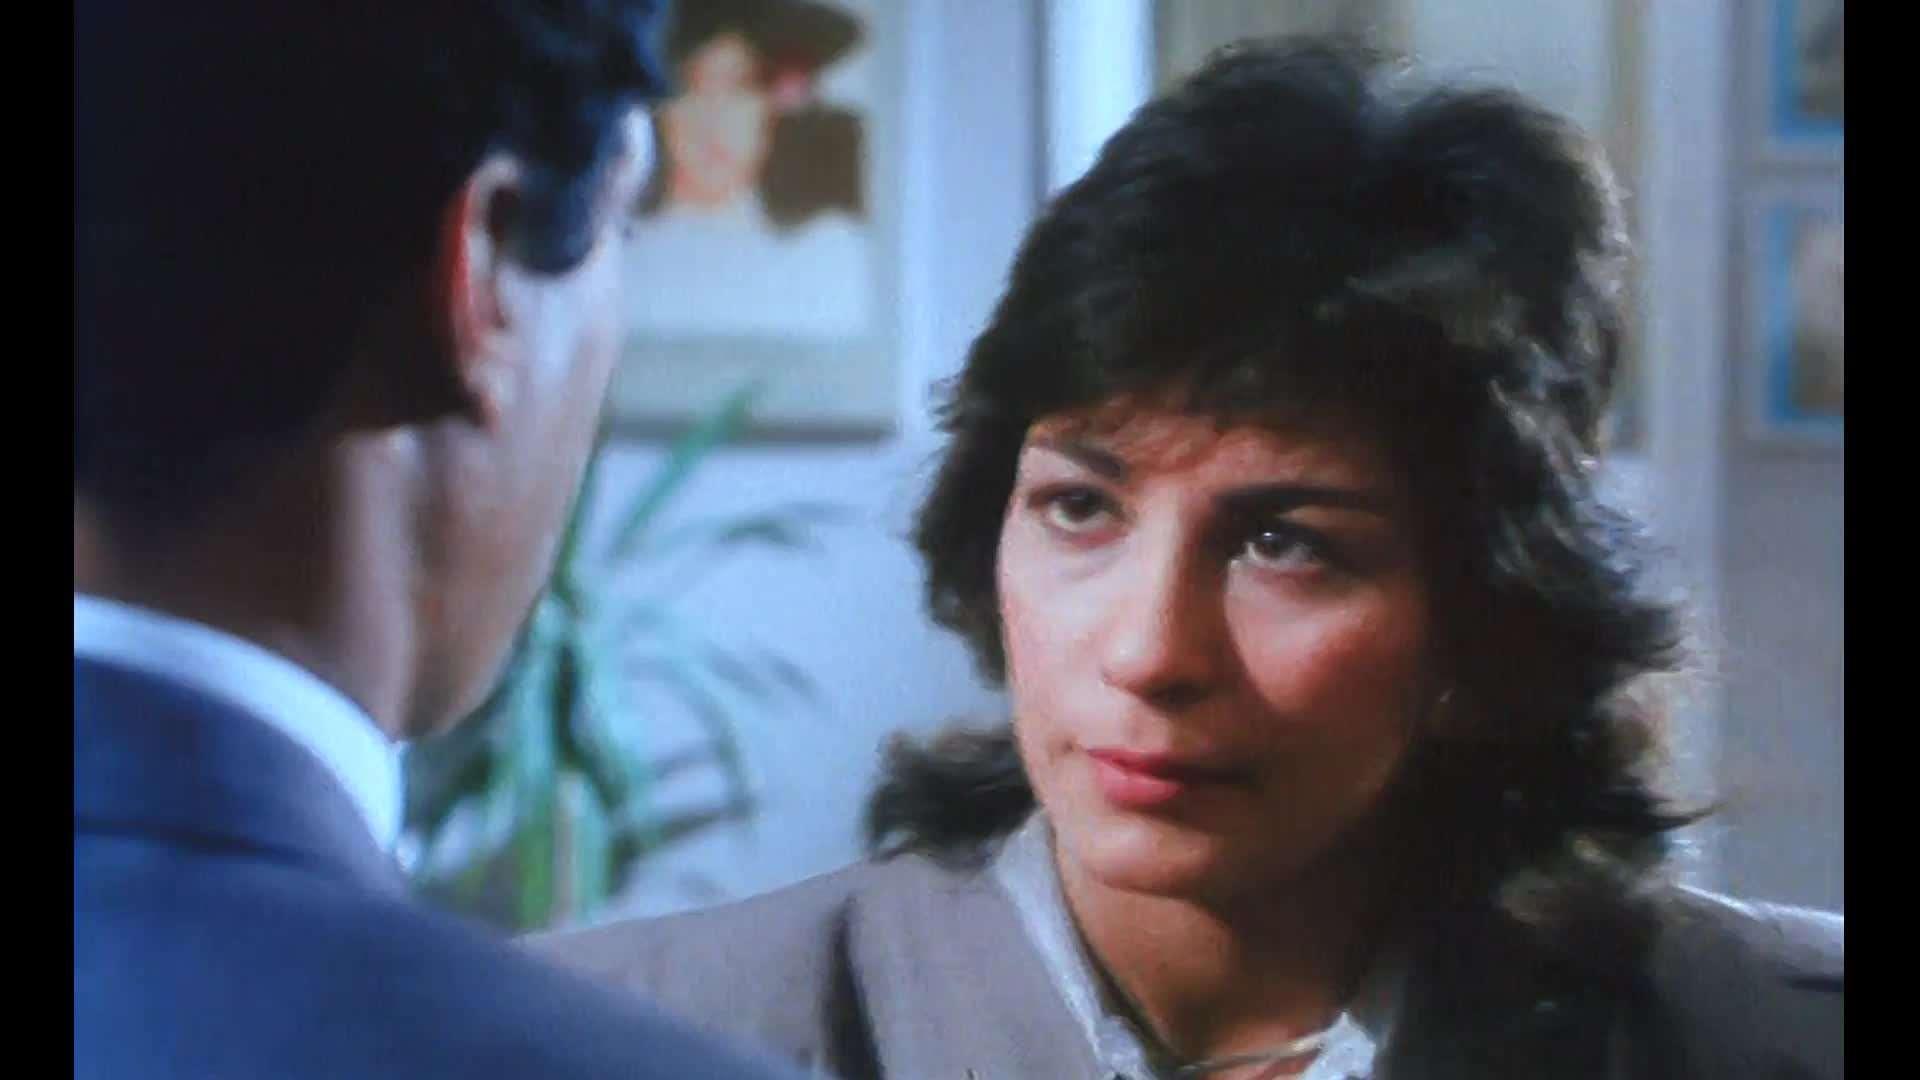 [فيلم][تورنت][تحميل][امرأة واحدة لا تكفي][1990][1080p][Web-DL] 16 arabp2p.com